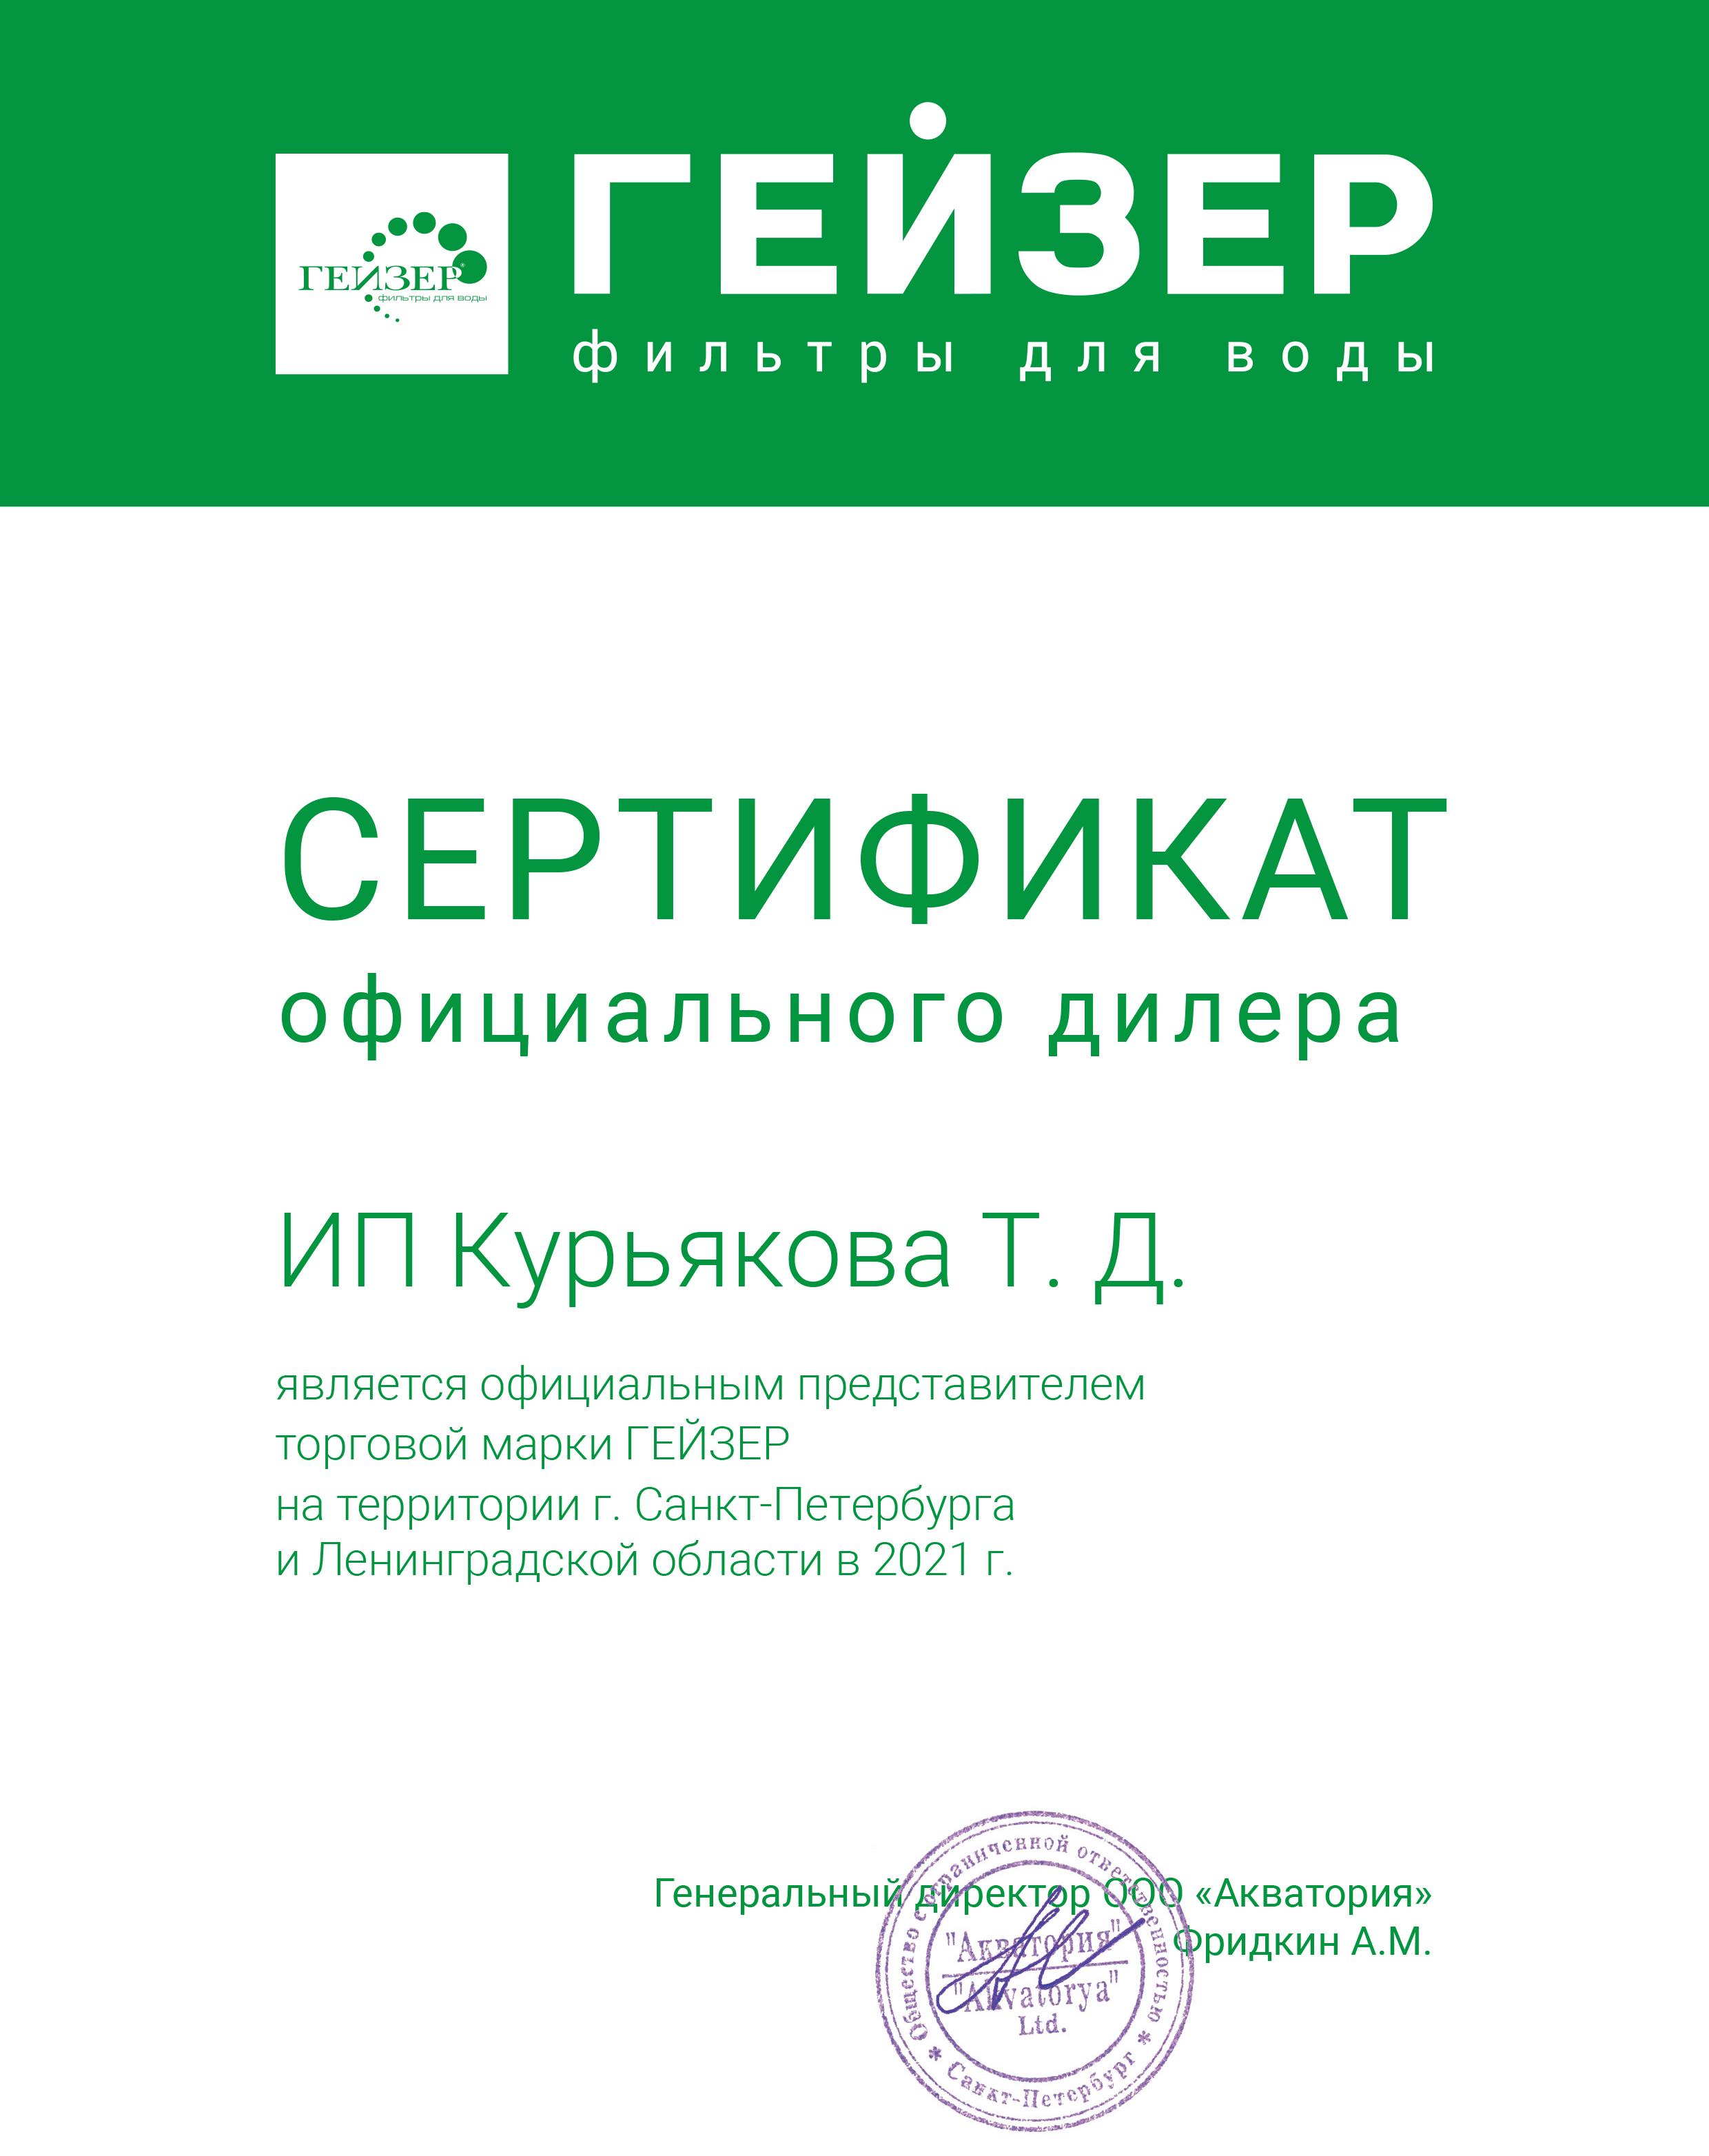 Сертификат официального дилера Гейзер ИП